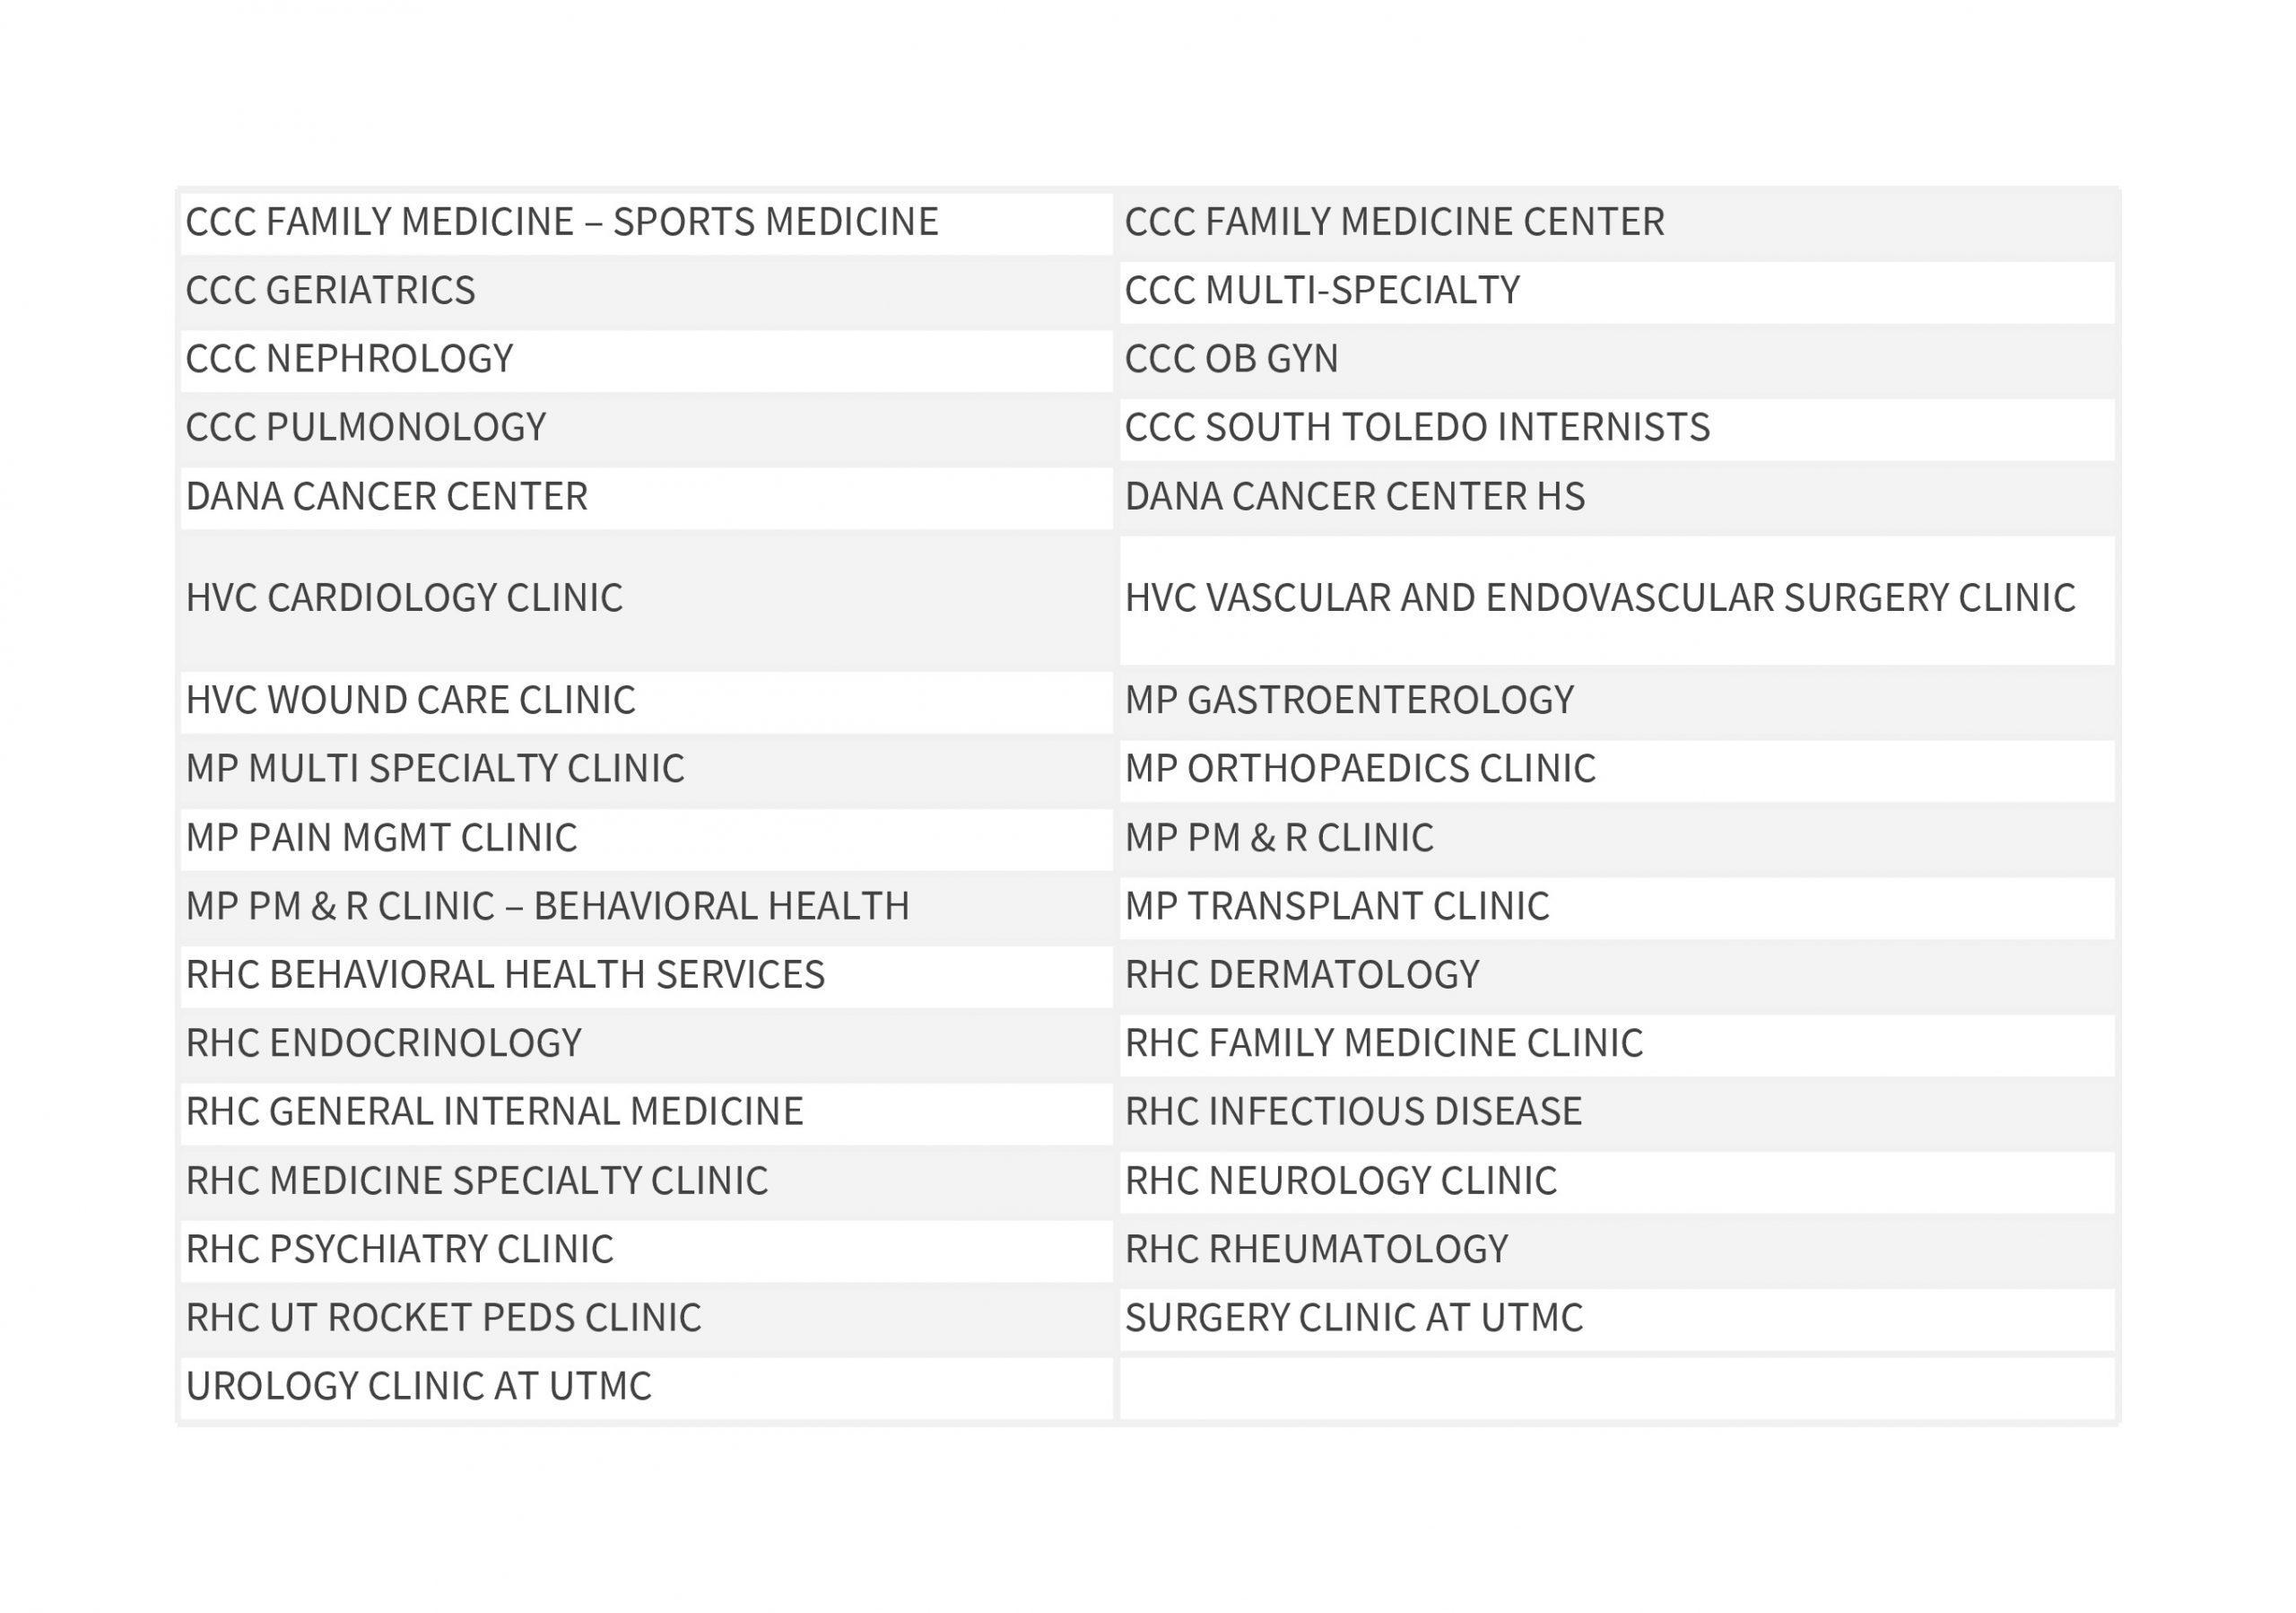 List of Codes for UTP